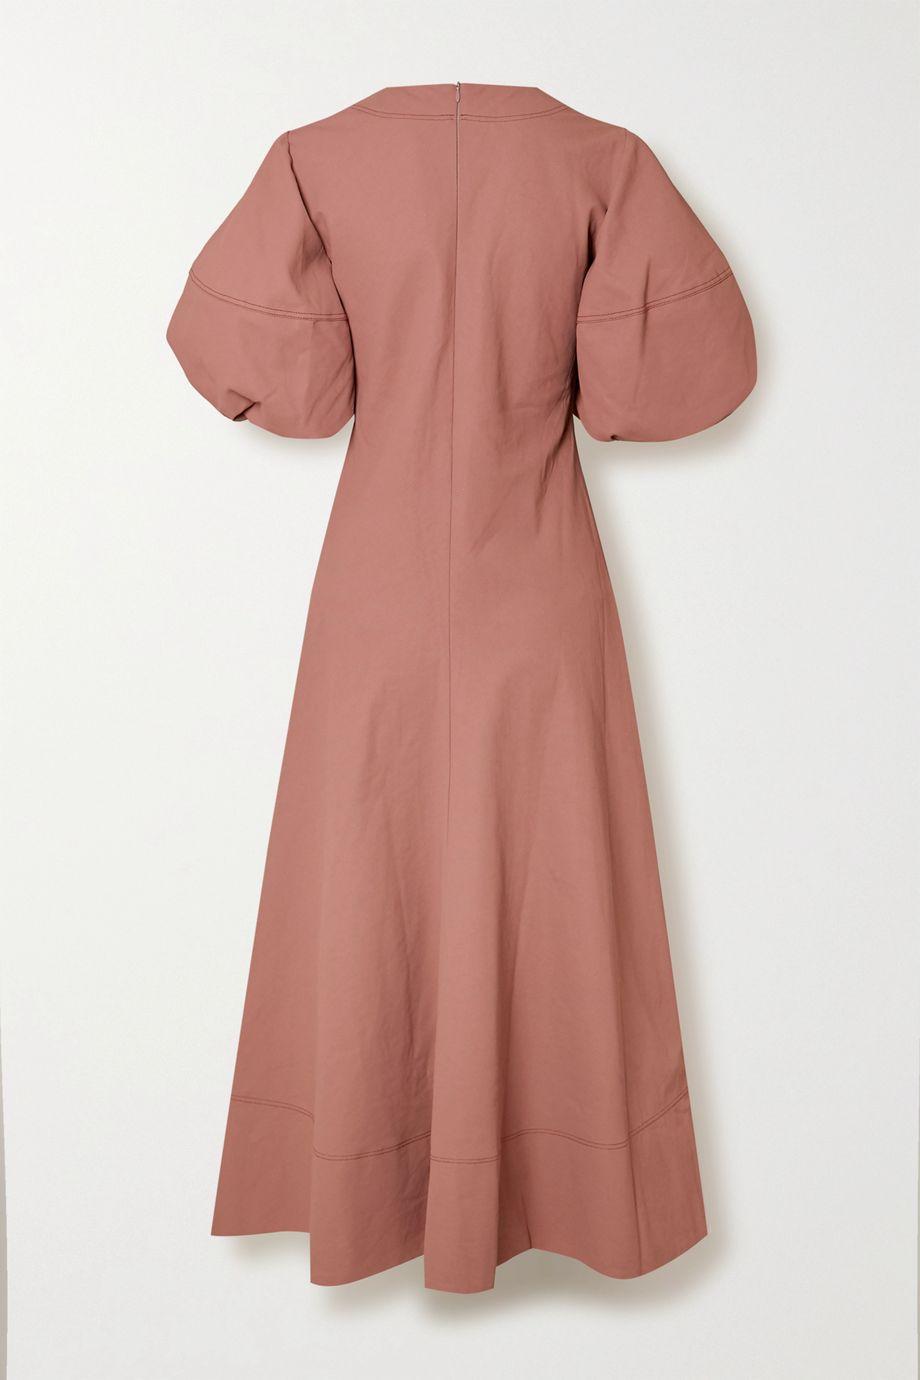 Lee Mathews Queenie linen and cotton-blend maxi dress